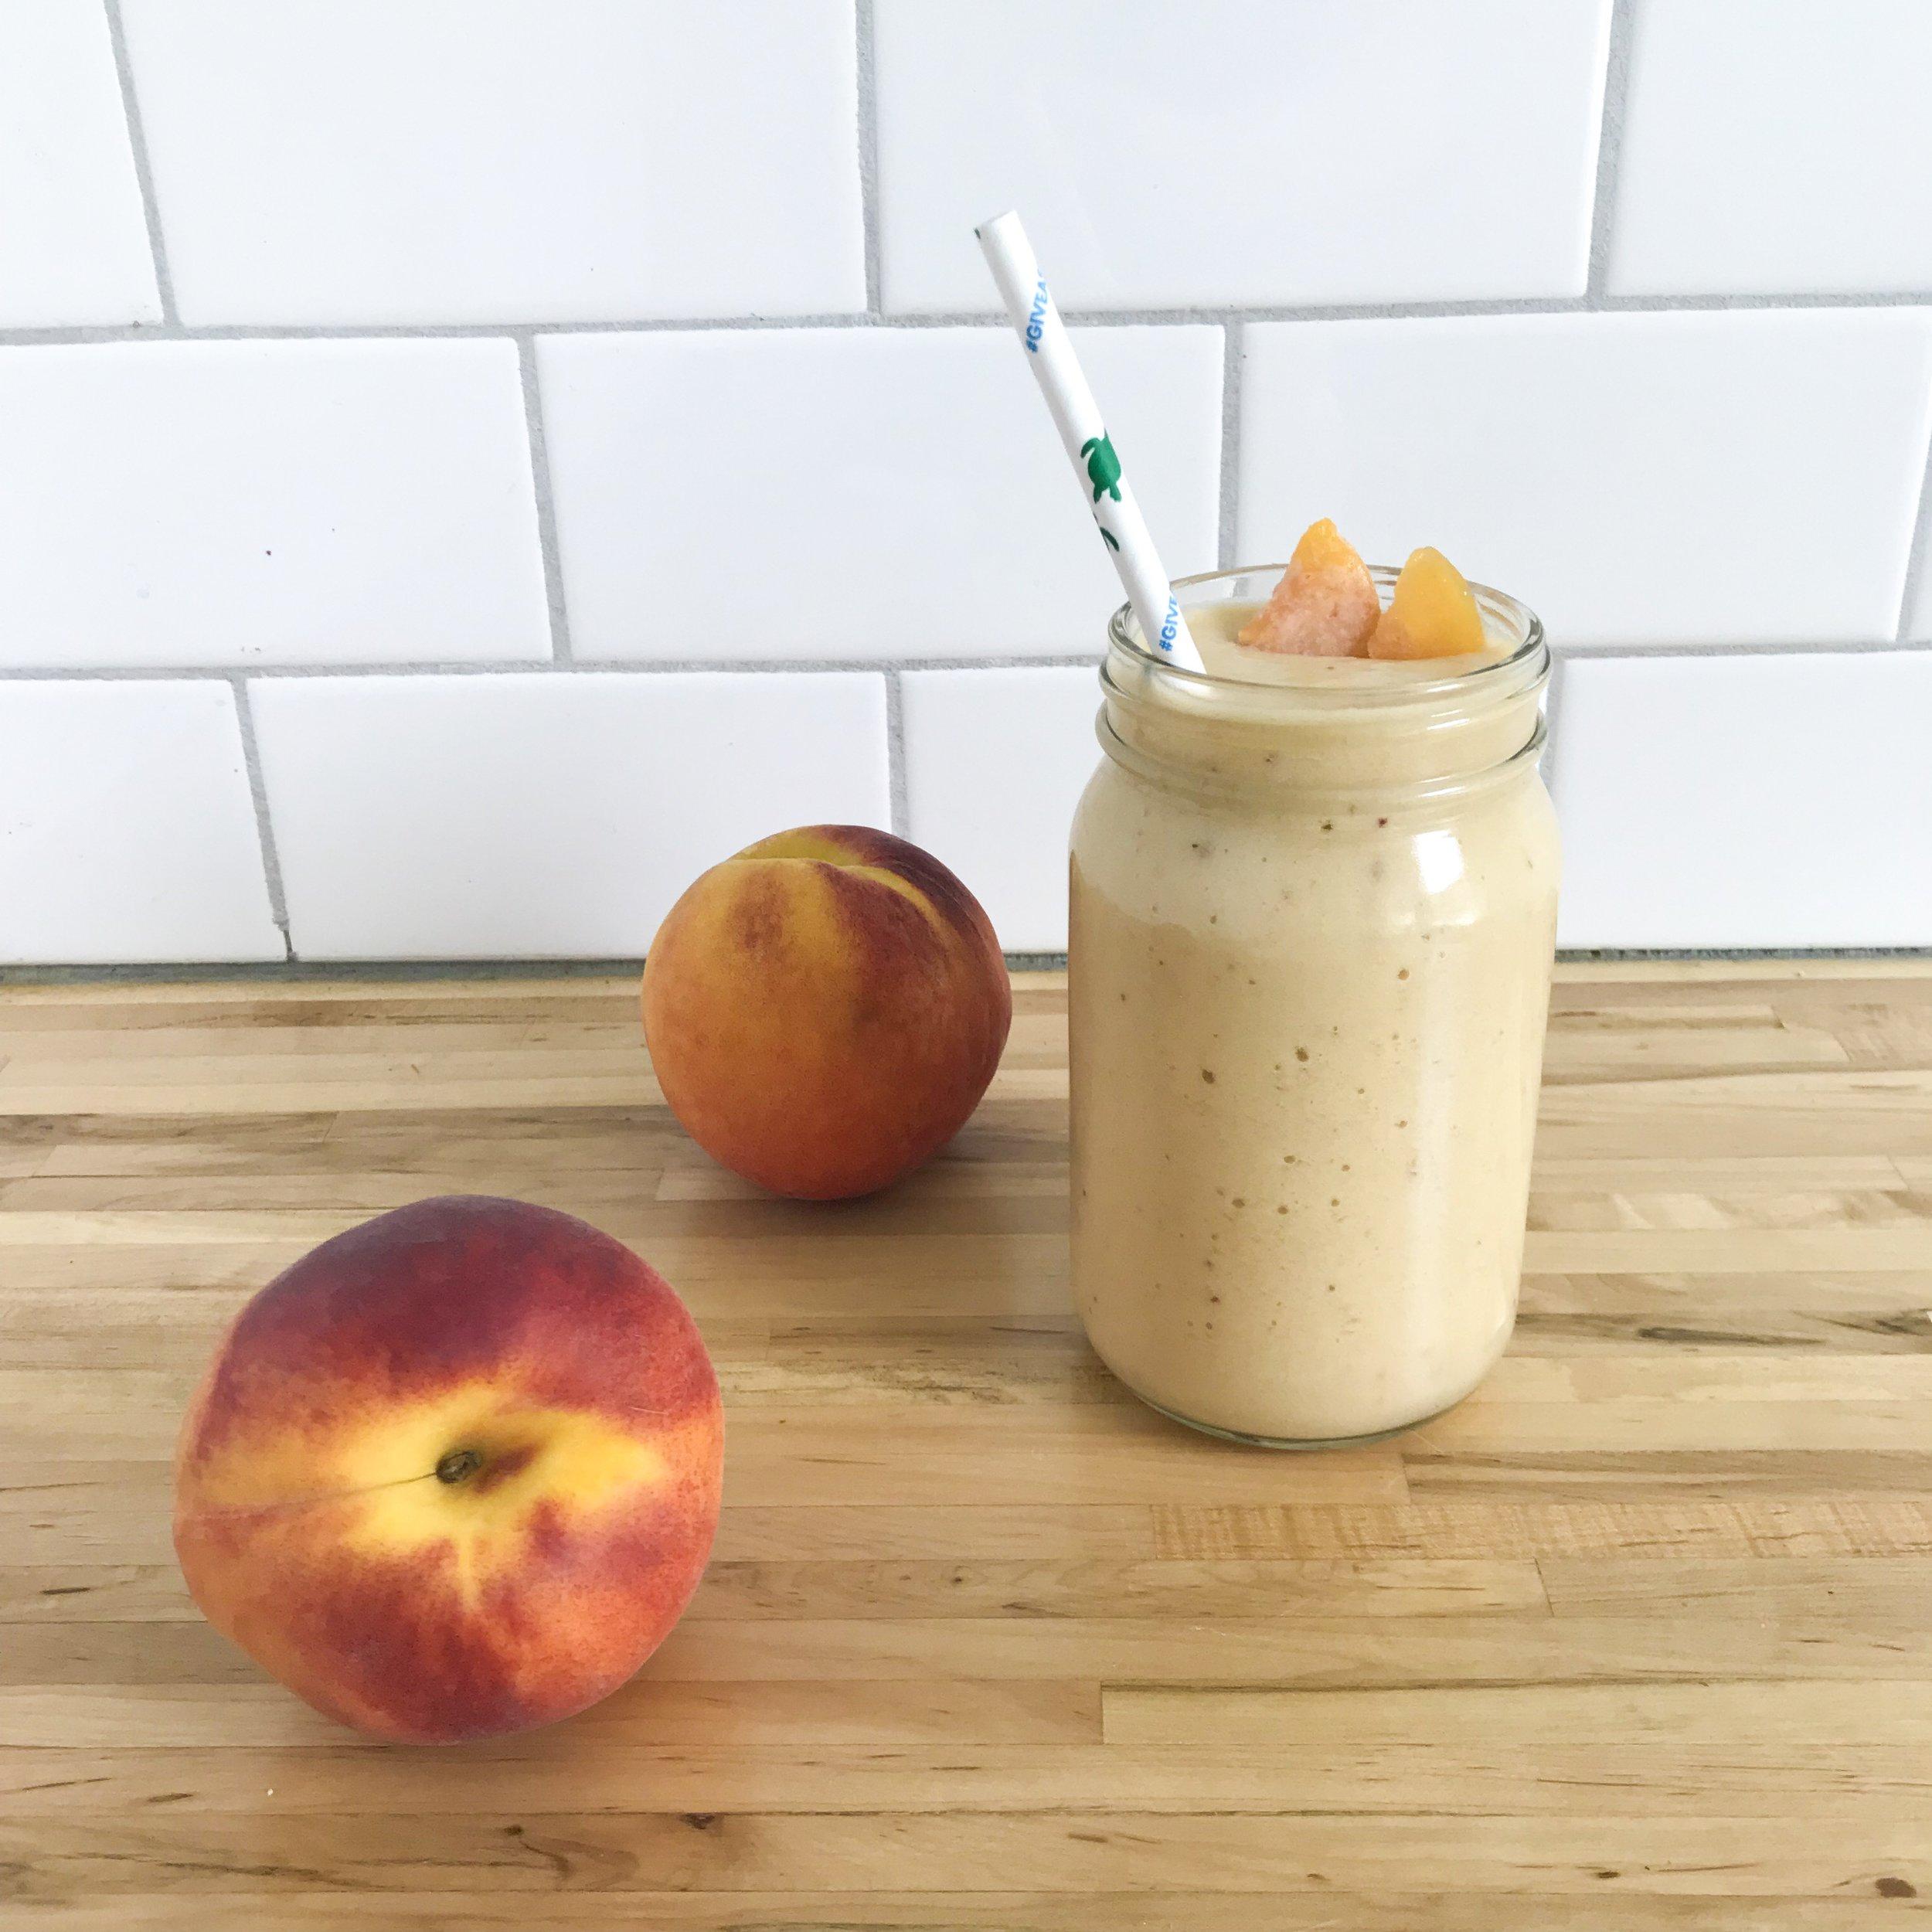 Peach and Cauliflower Smoothie